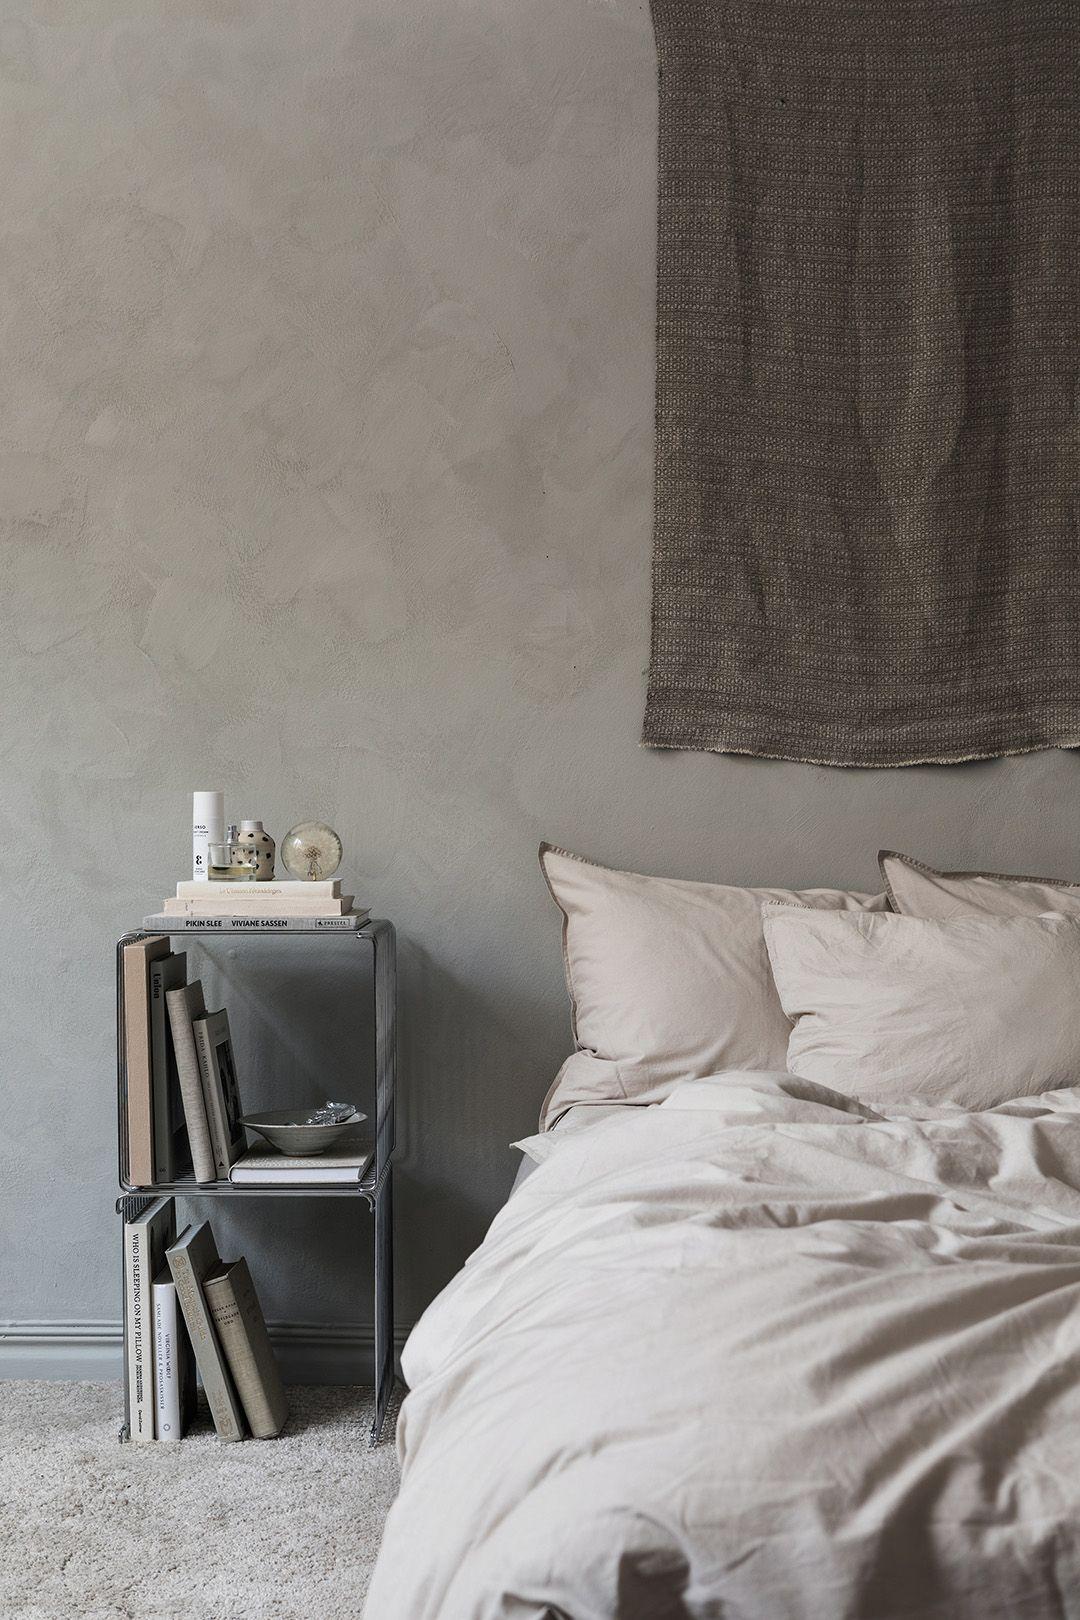 Swedish Brand Midnatt Schlafzimmer Design Einrichtungsideen Schlafzimmer Schlafzimmer Einrichten